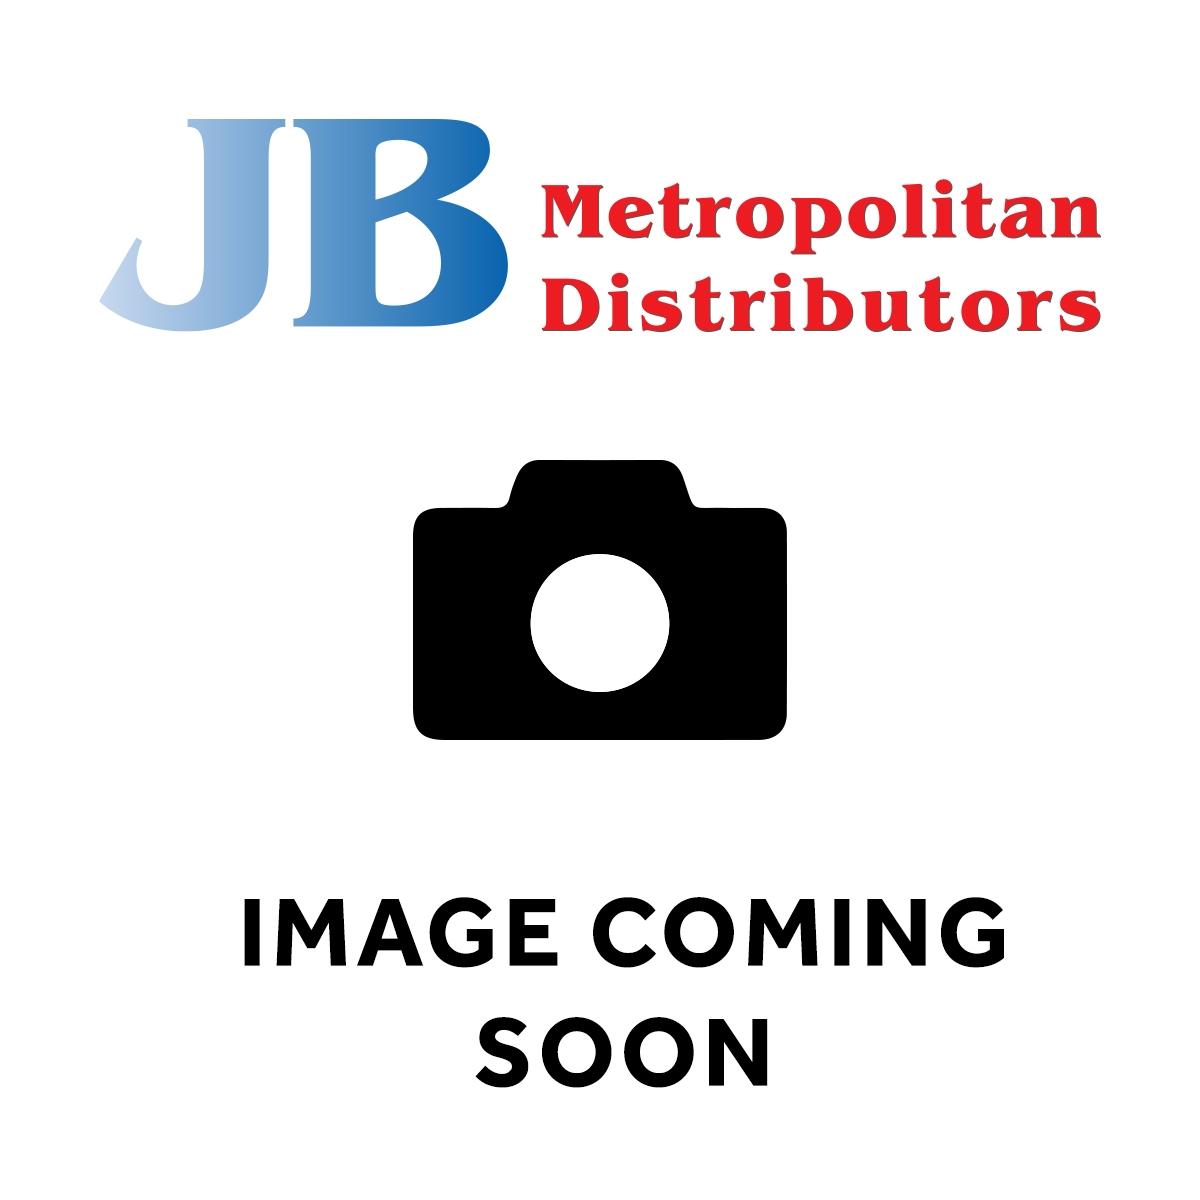 M & M MIX-UPS 160G (12)